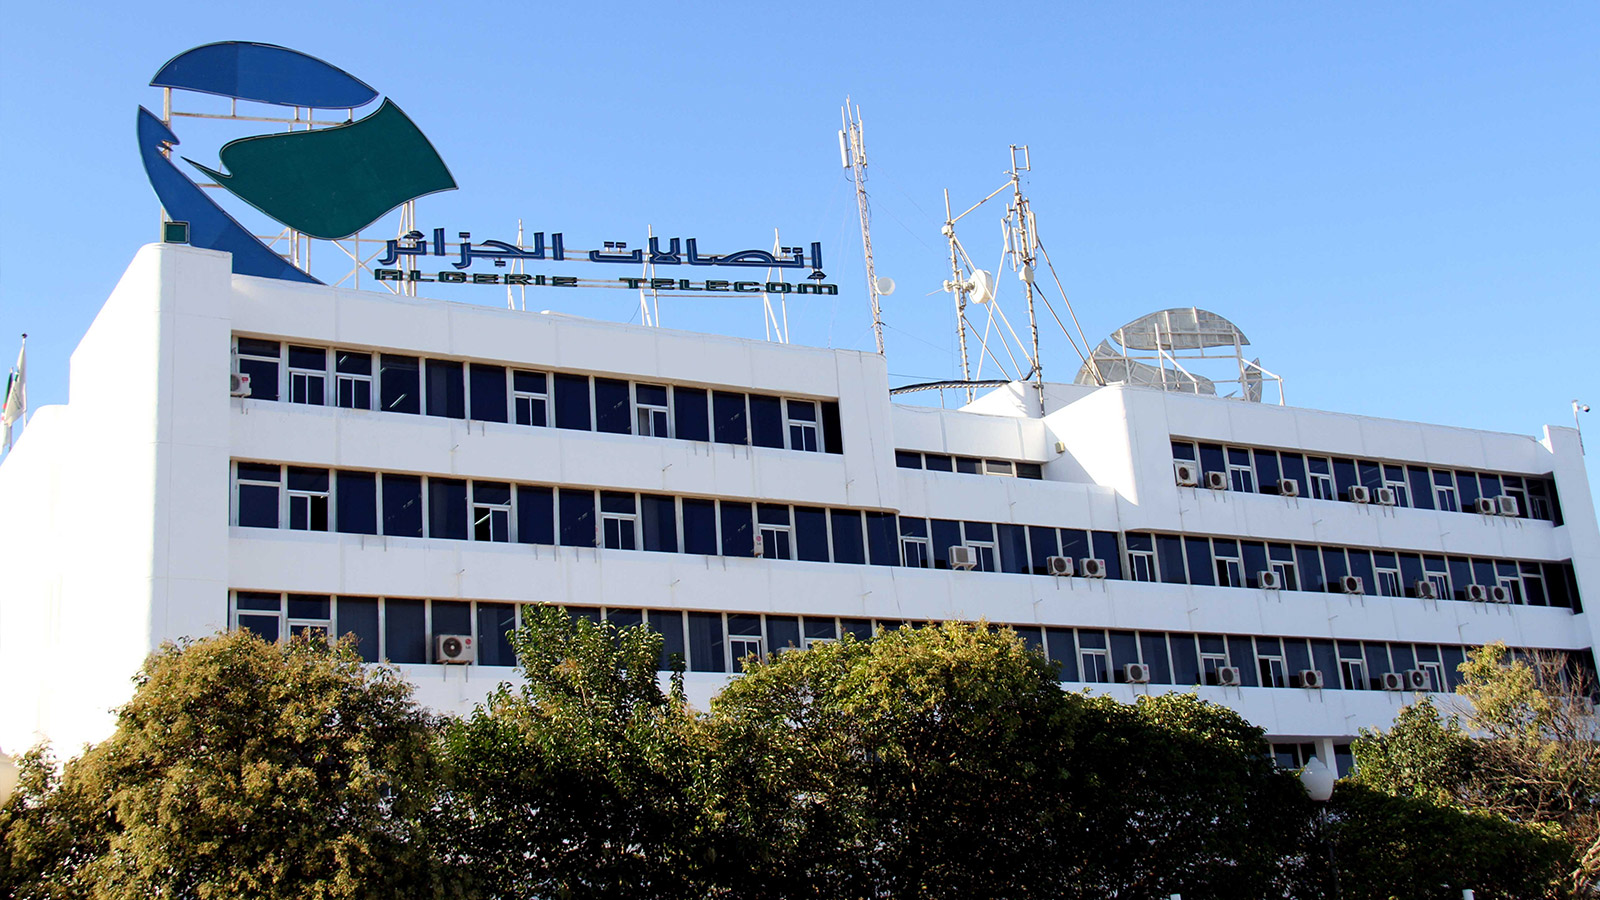 صورة اتصالات الجزائر تبرم اتفاقية مع الجمعية الوطنية للتجار والحرفيين لتسهيل عملية الرقمنة والتسويق الالكتروني